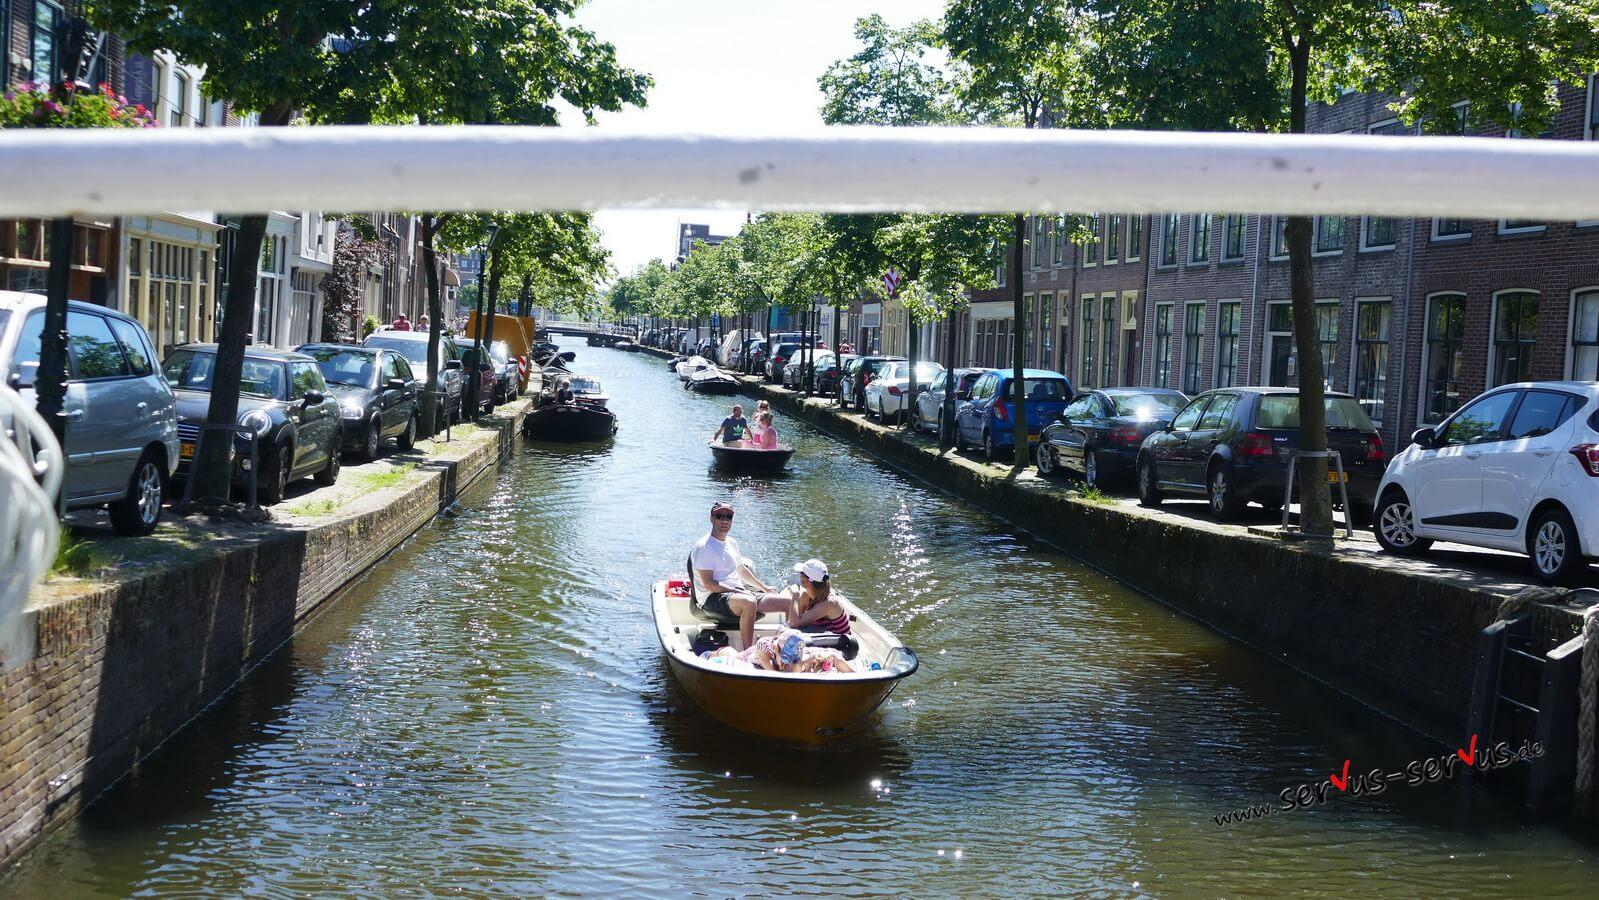 Grachtenfahrt, Alkmaar, Holland